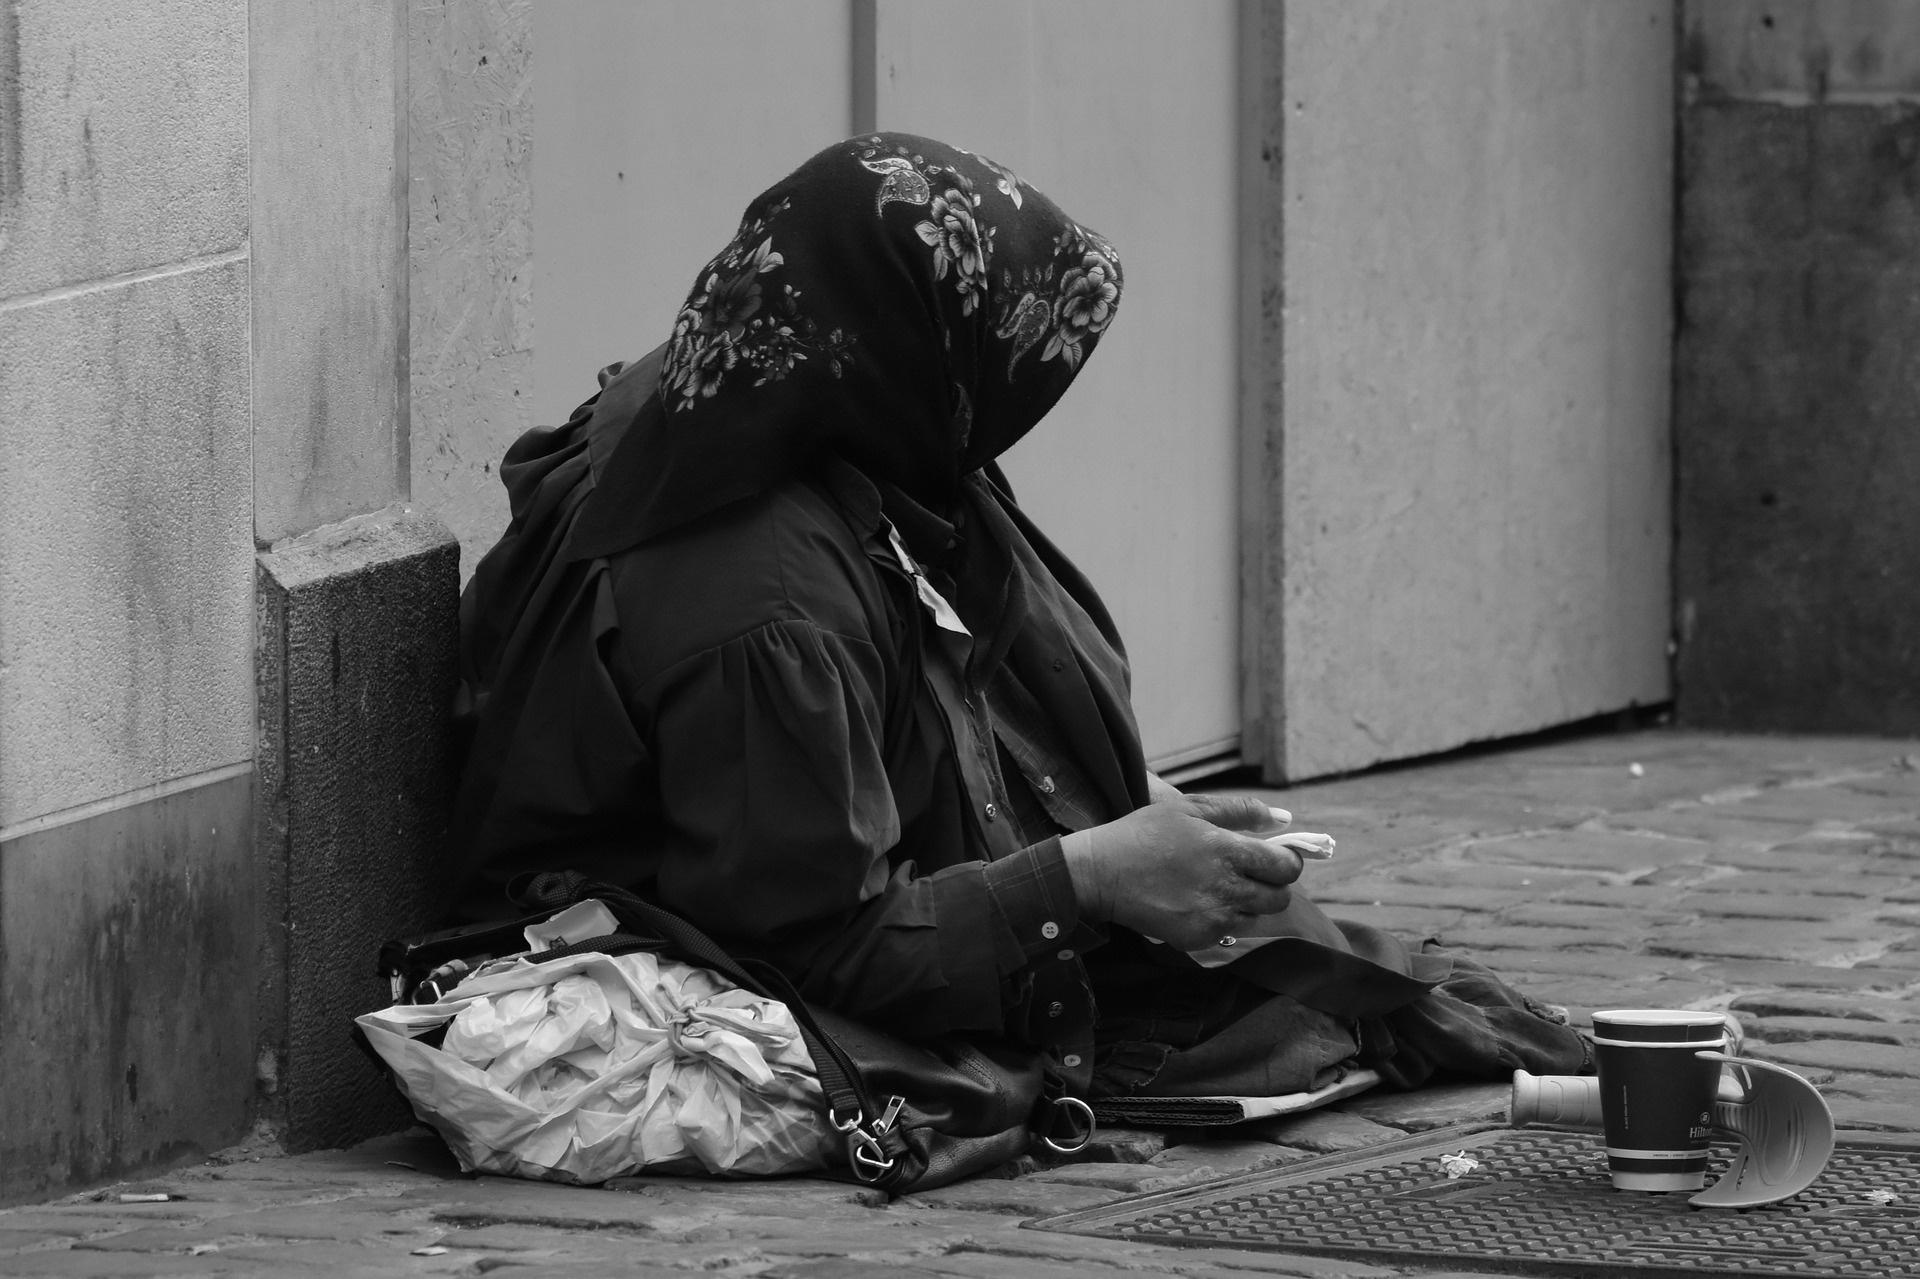 Путин — о бедности: В ближайшие годы, уверен, сократим ещё в два раза